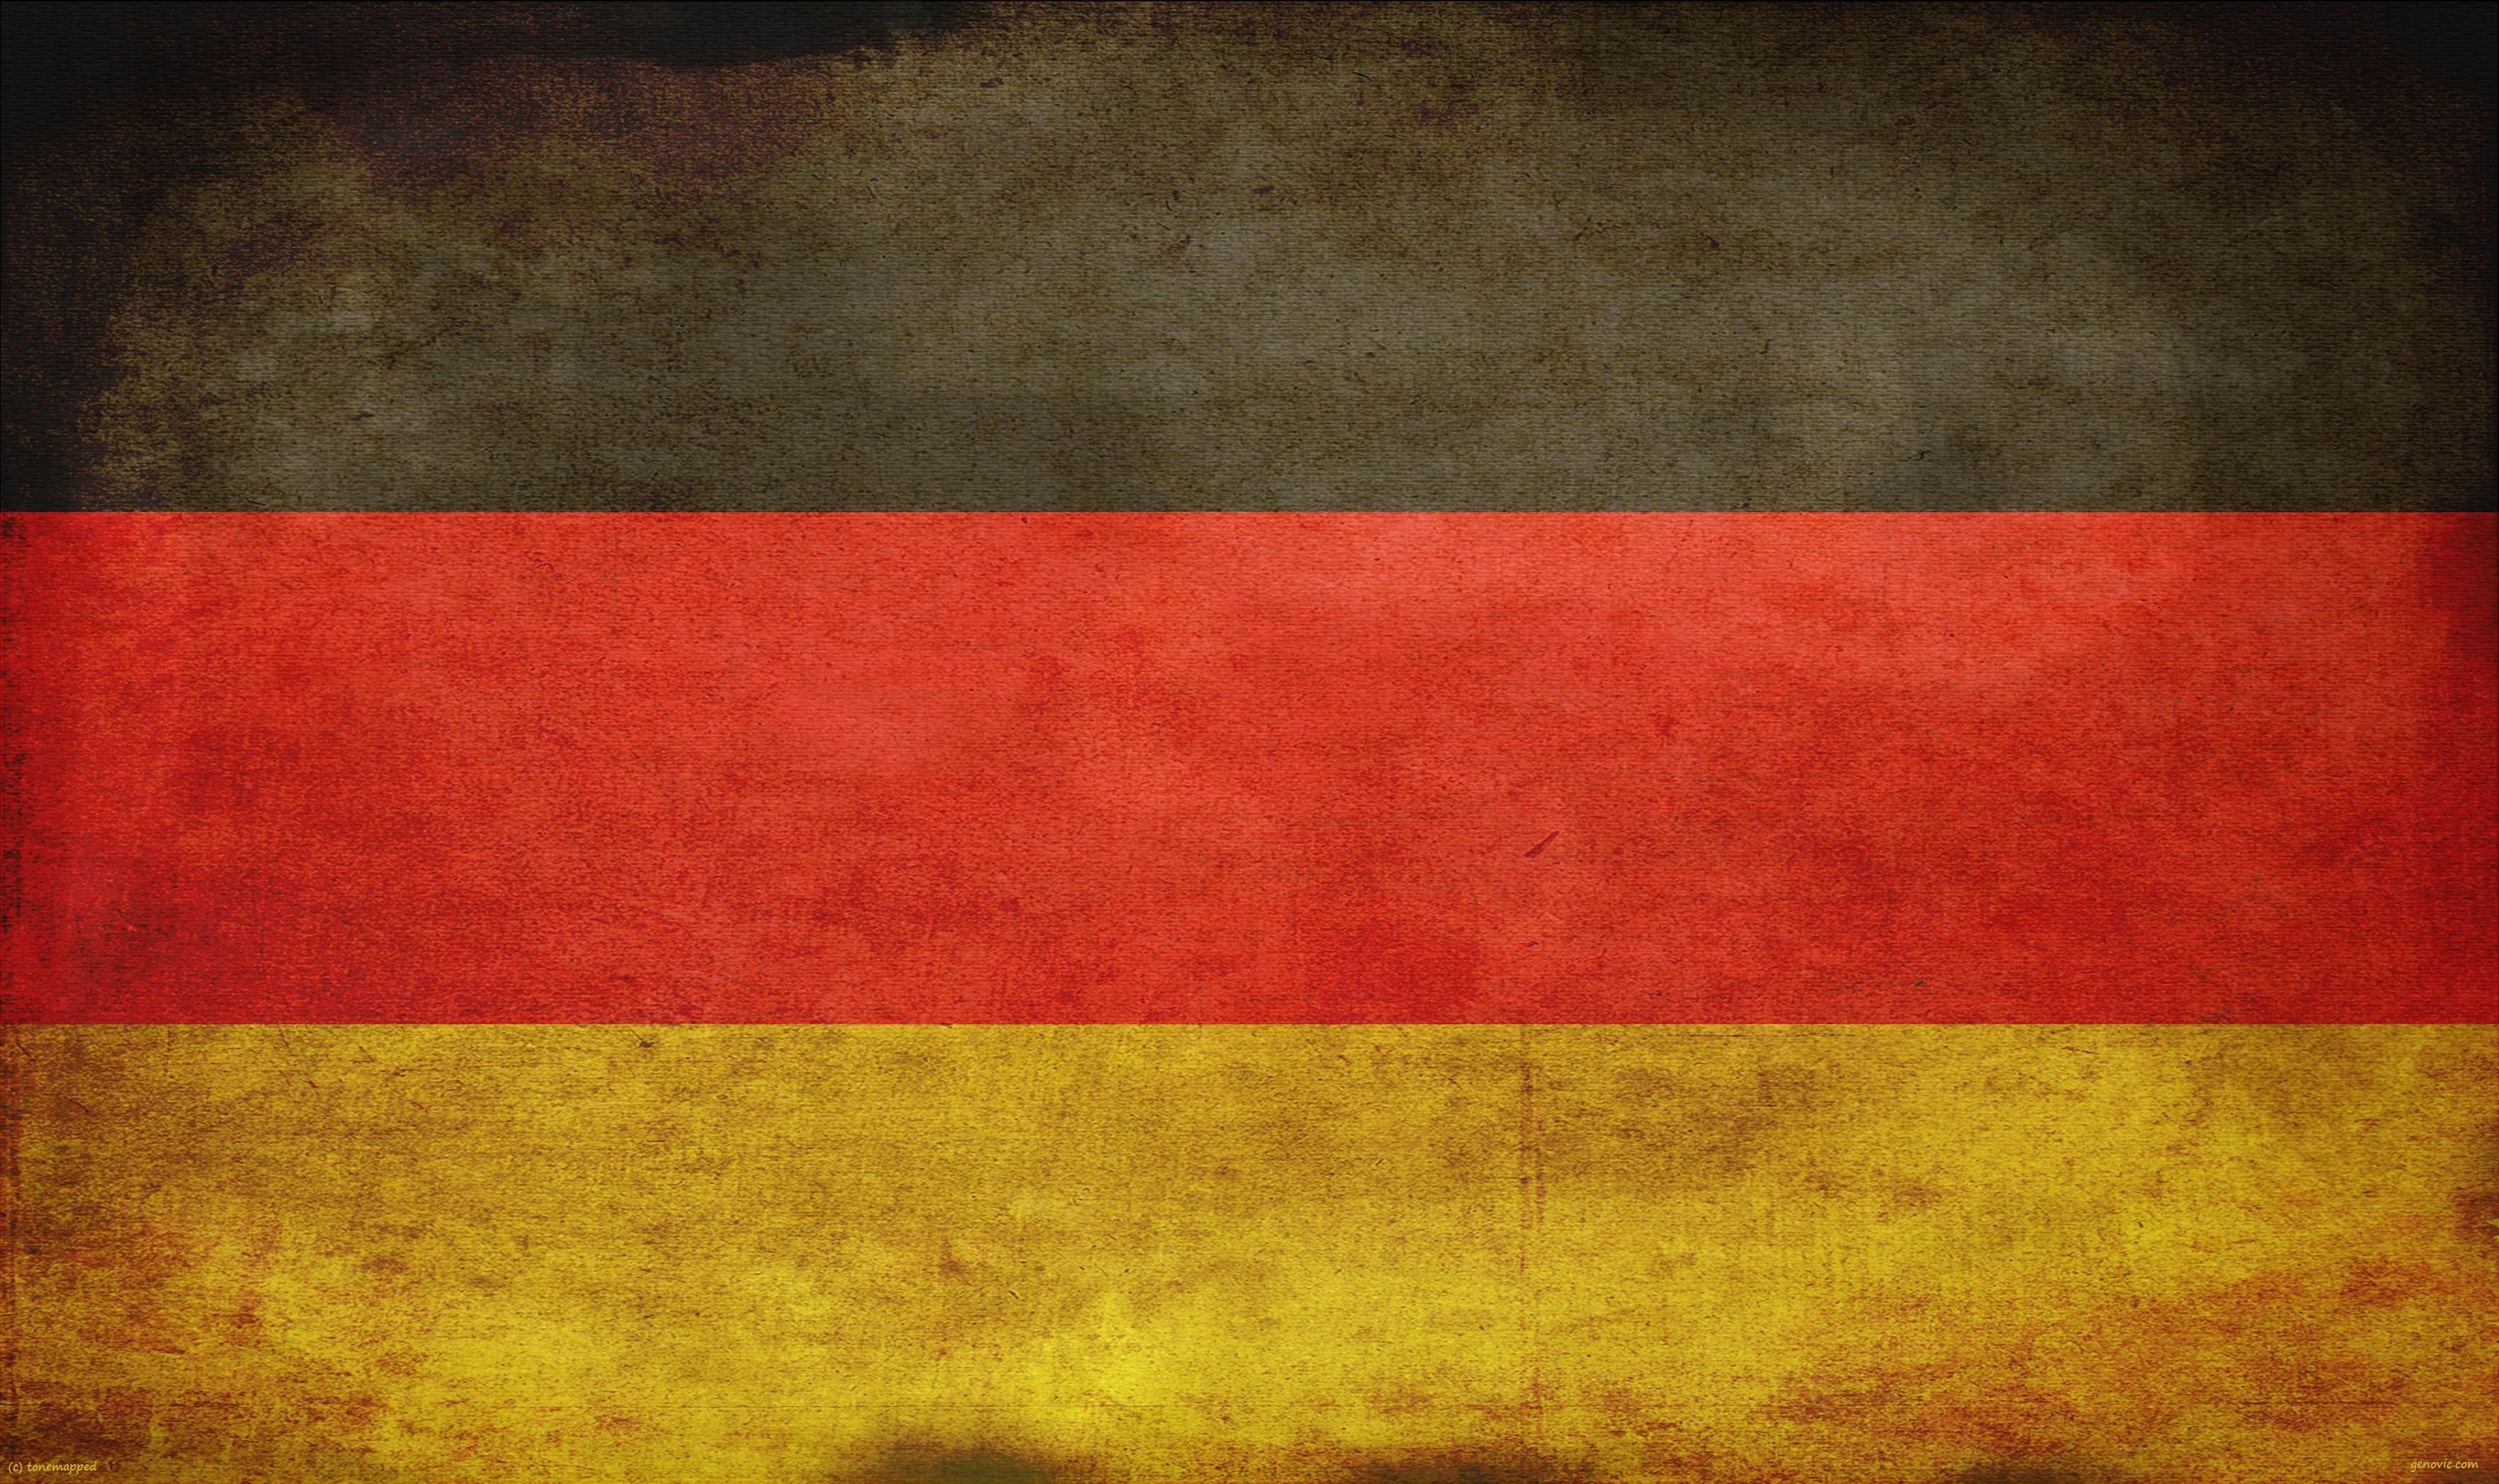 german flag wallpaper wallpapersafari